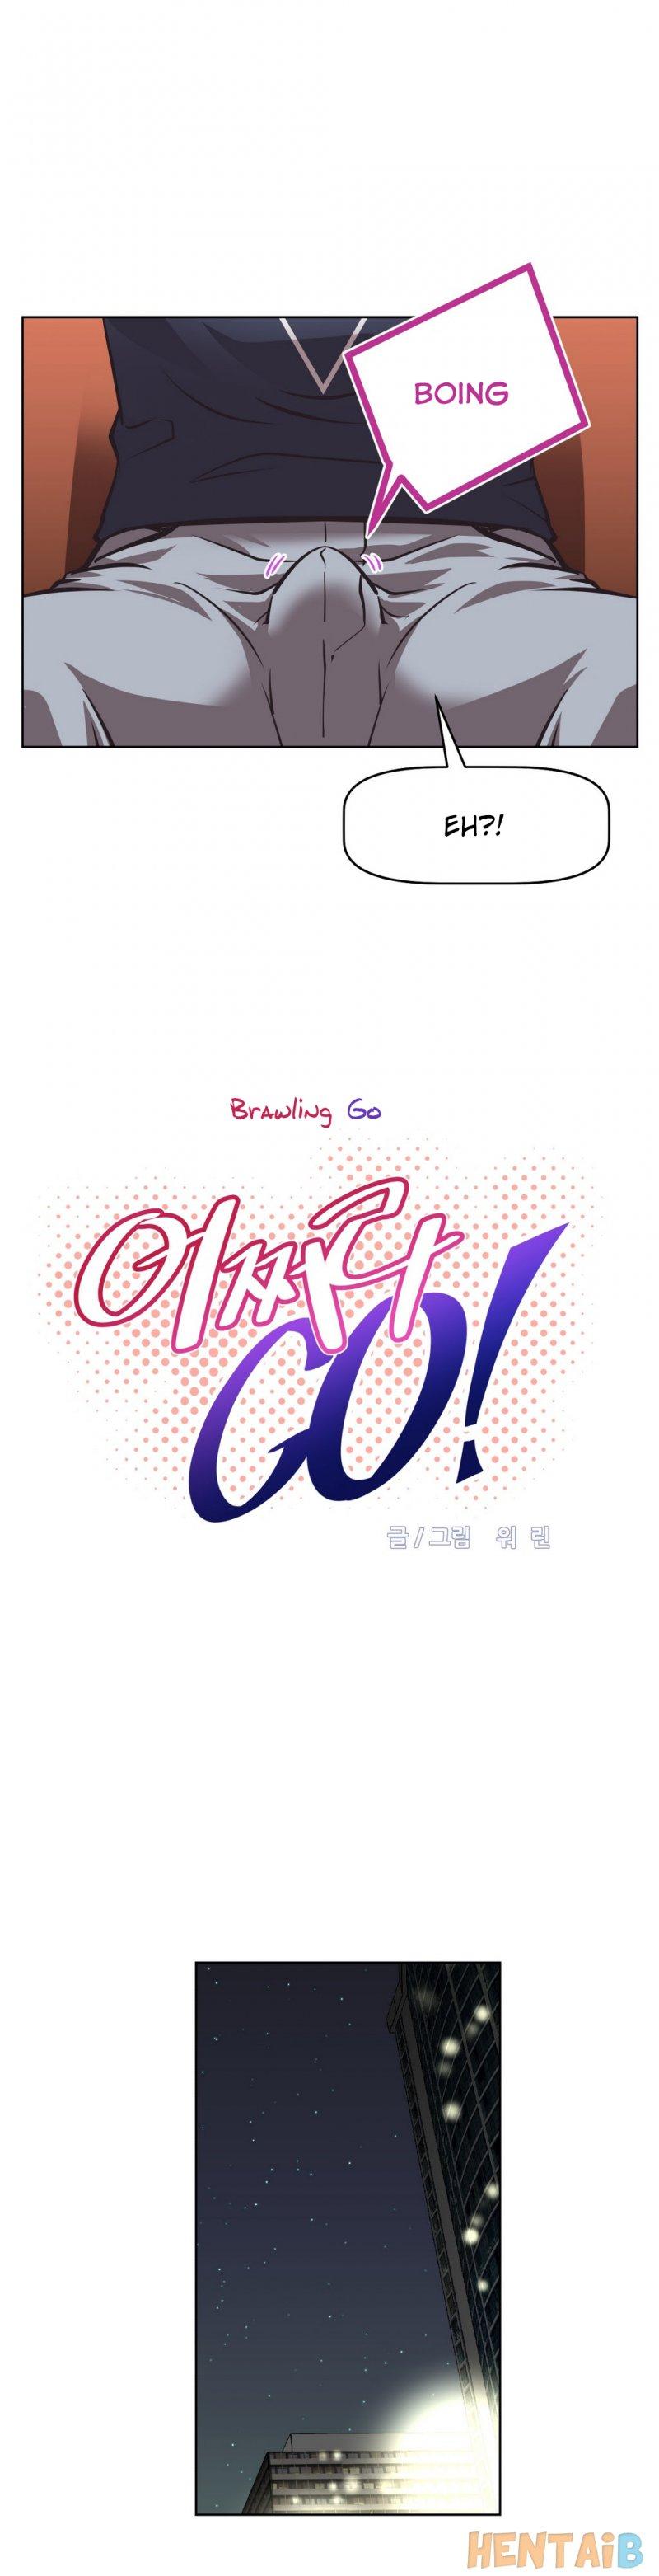 Brawling Go! #07